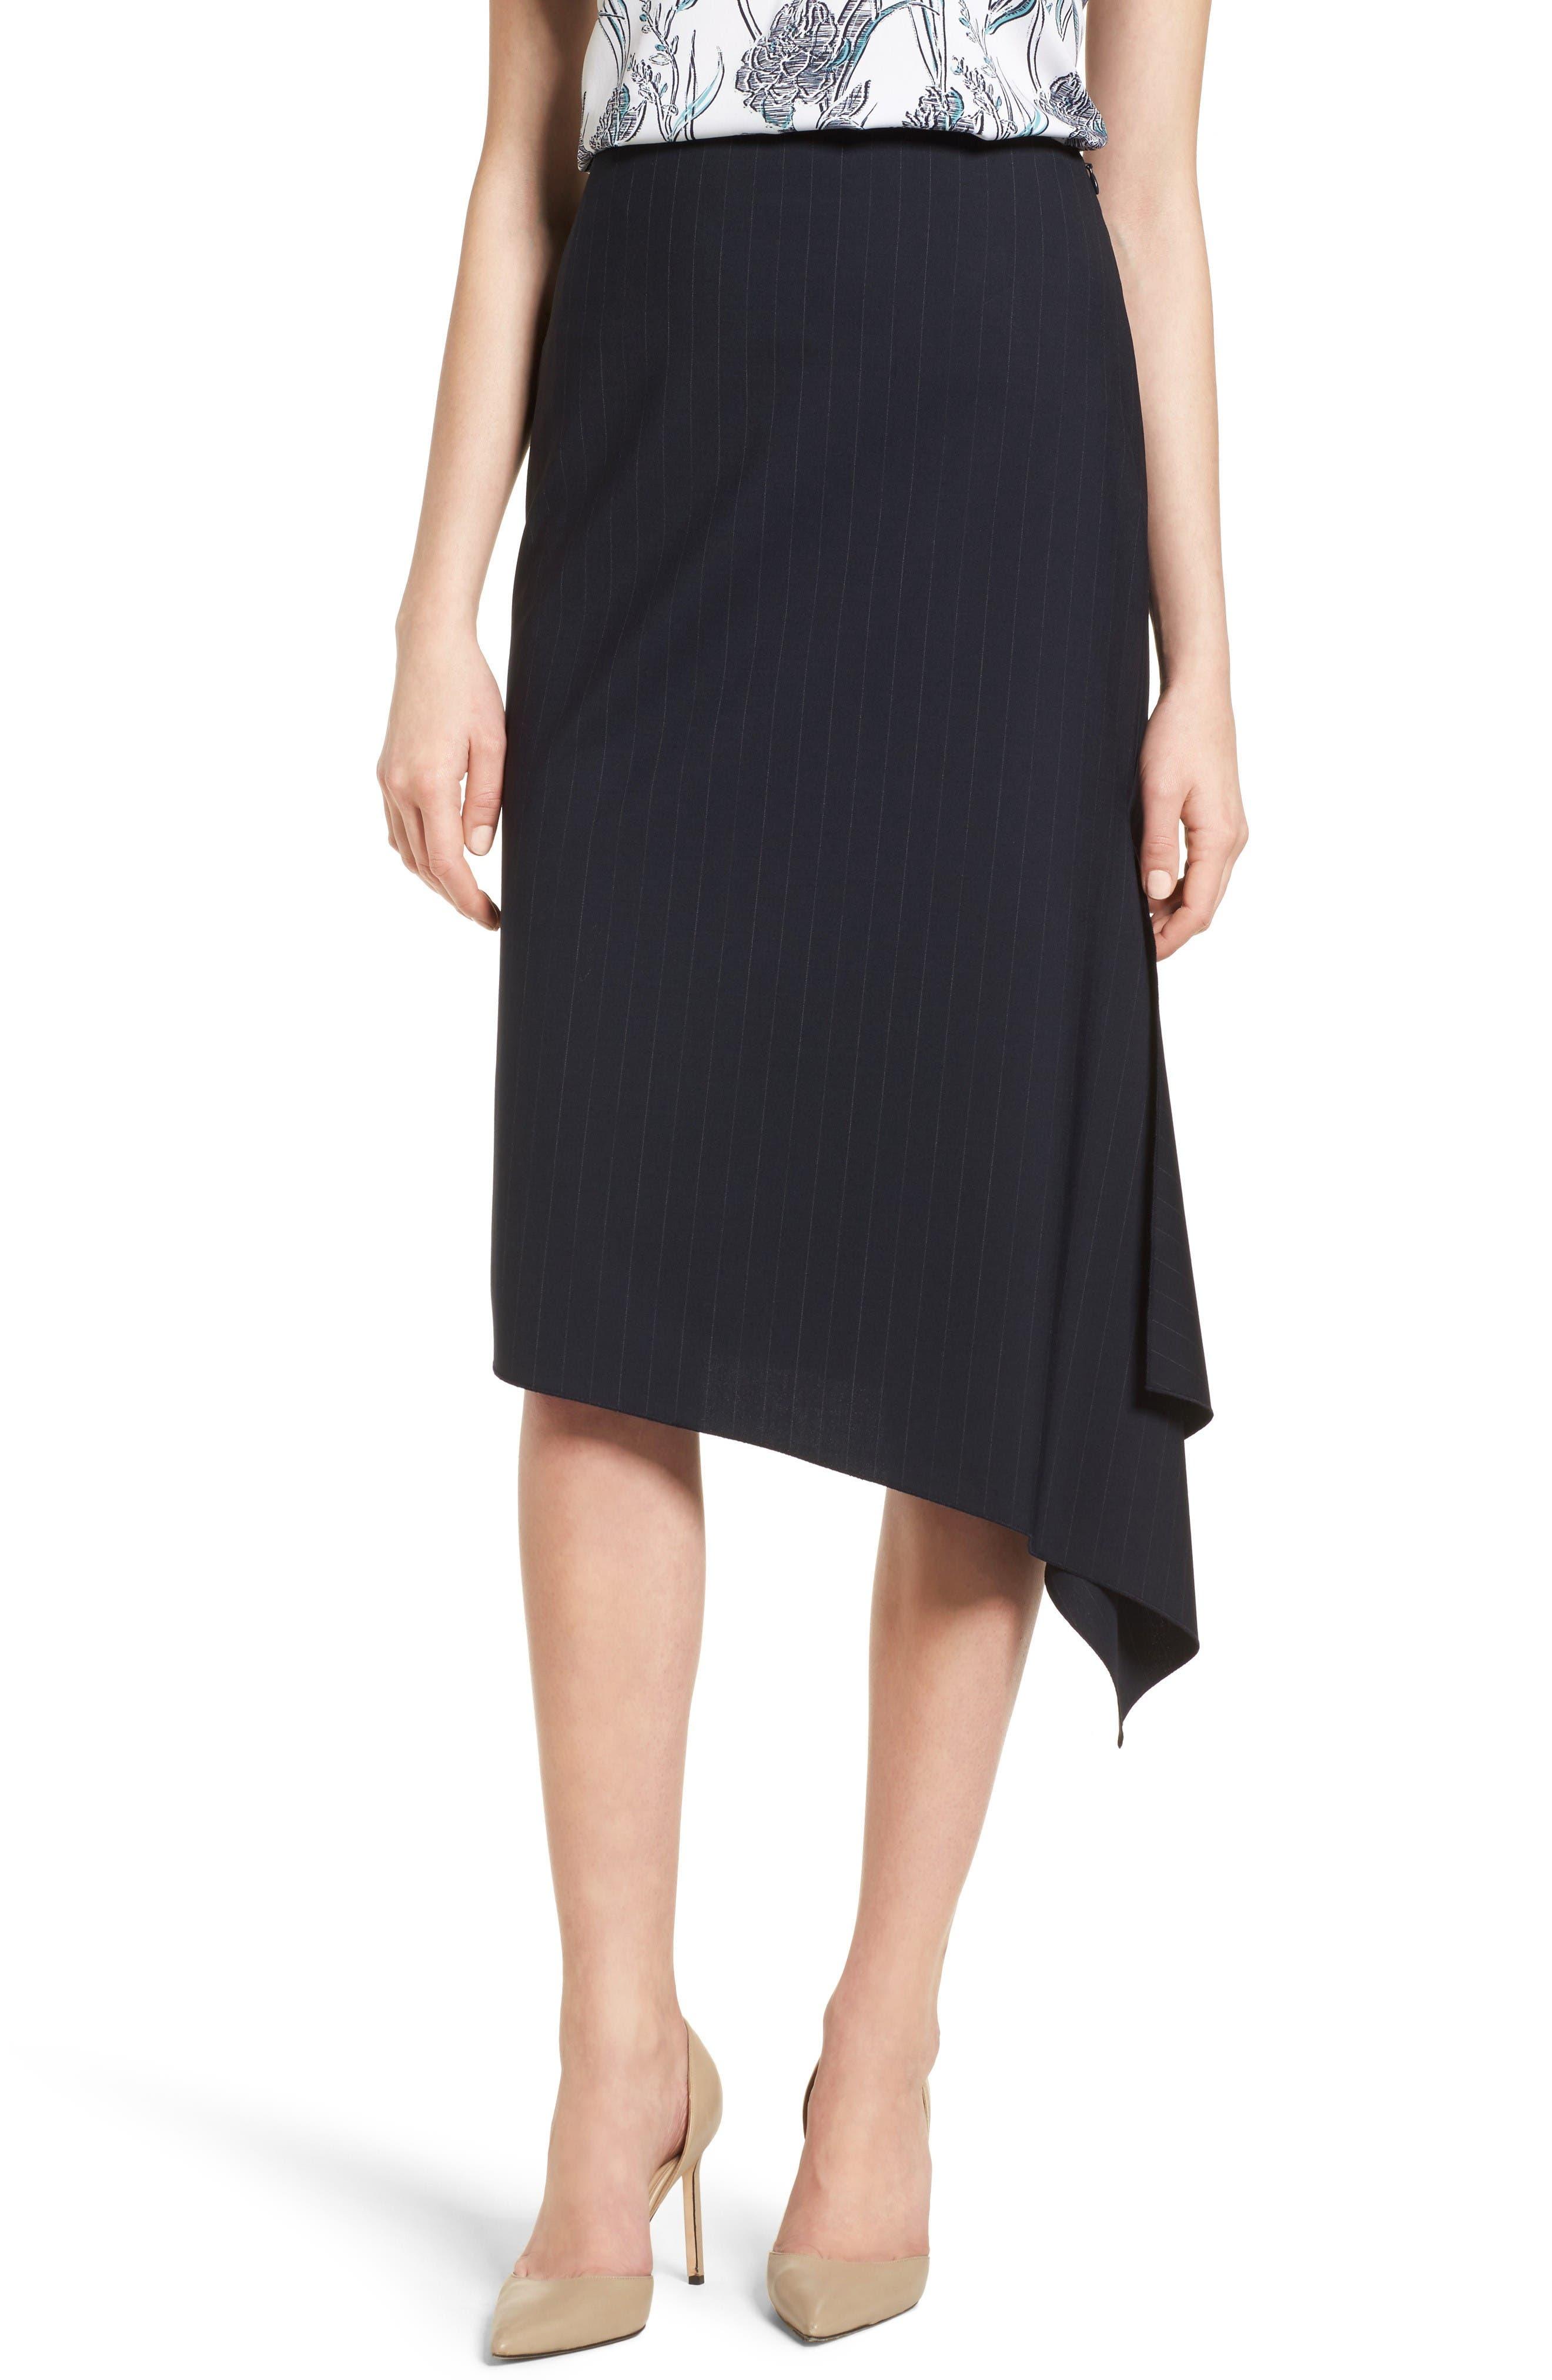 CLASSIQUES ENTIER® Classiques Entier Pinstripe Stretch Wool Skirt